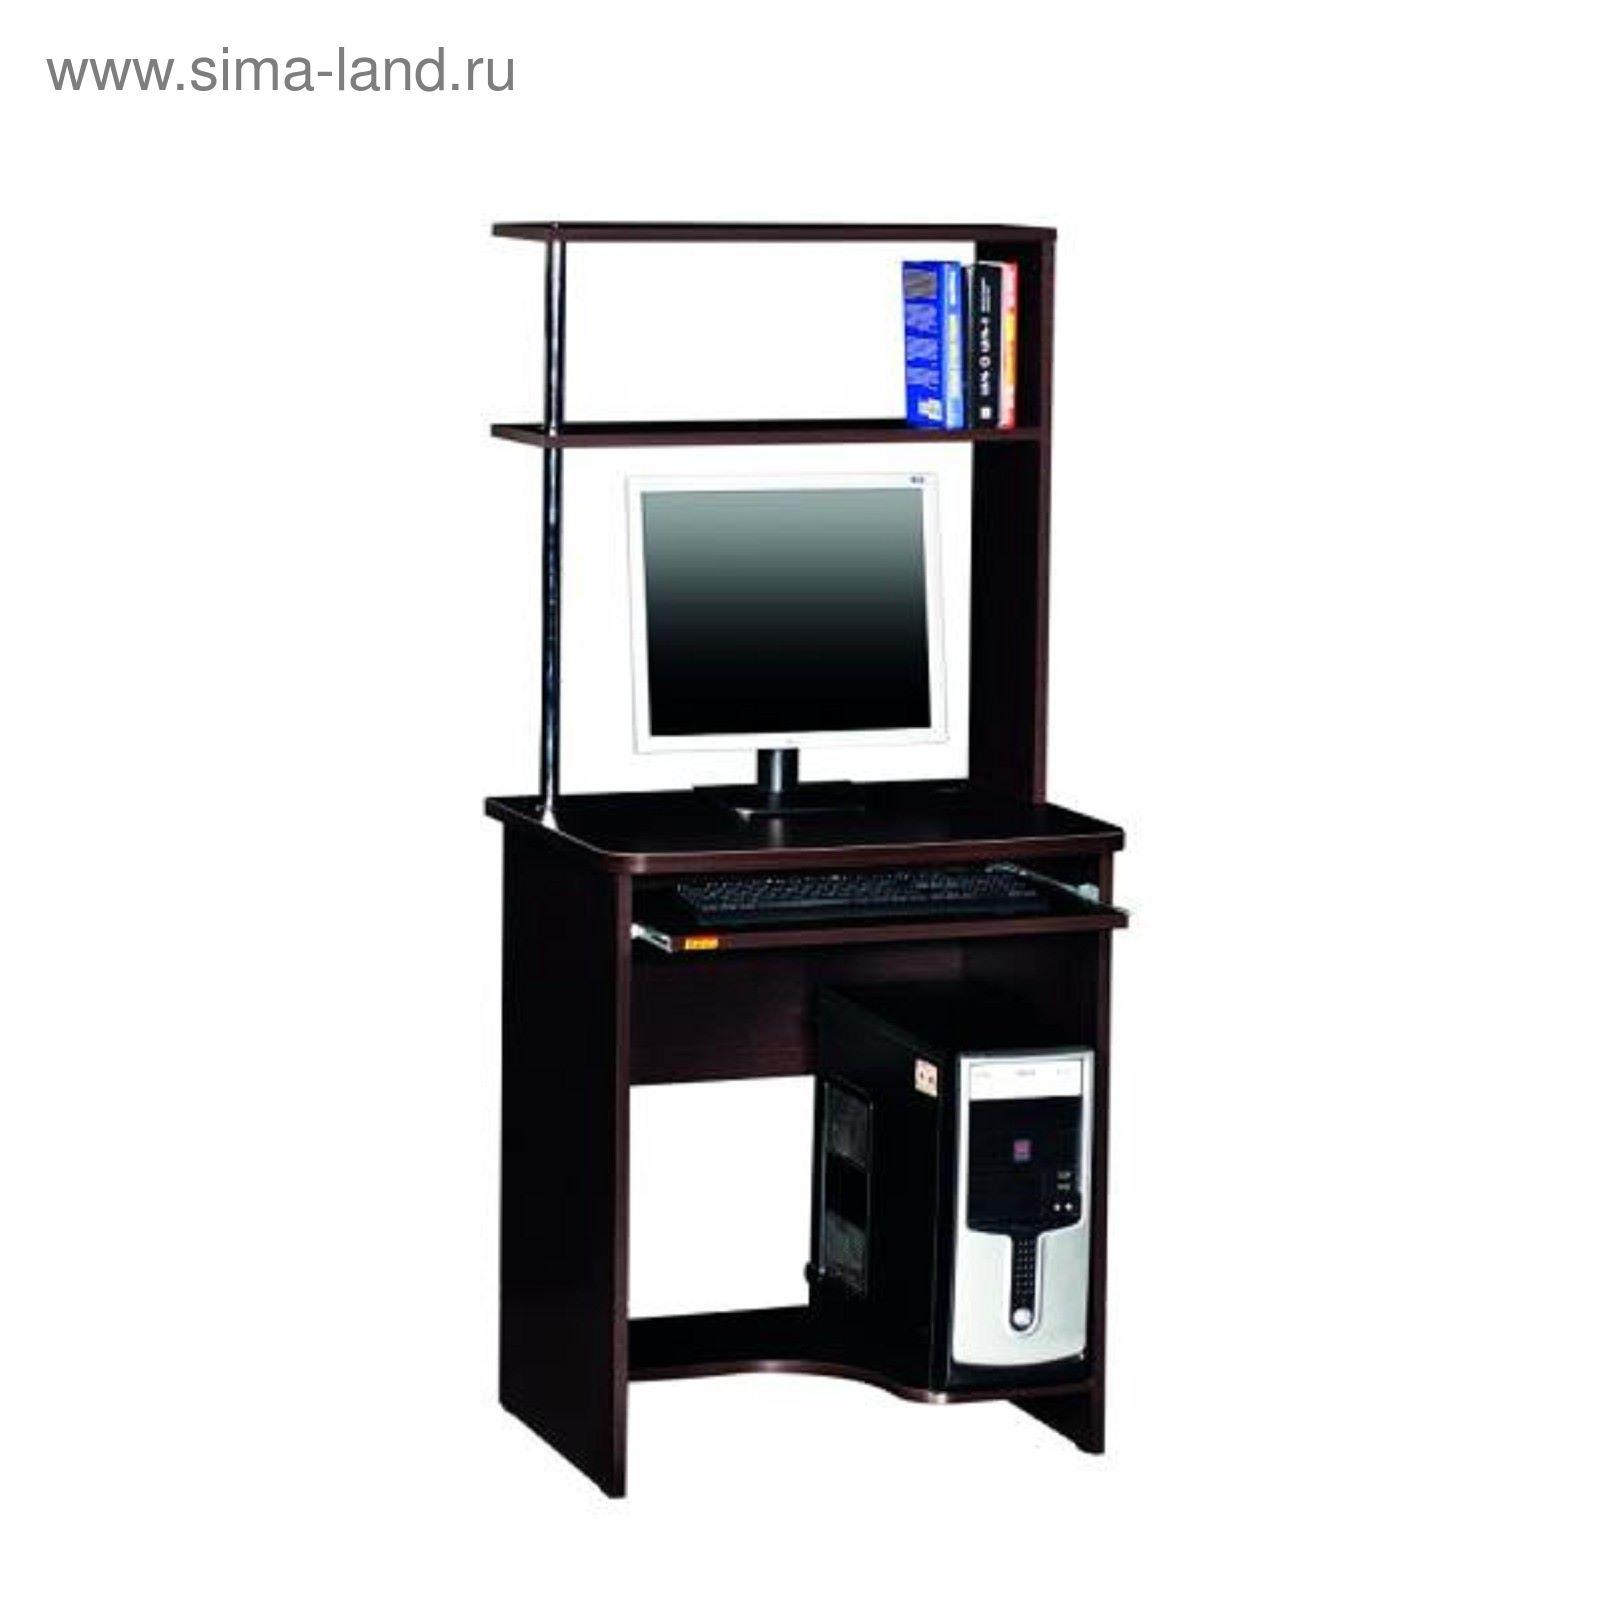 31377304eee57 Стол компьютерный Фортуна-25 Венге (1965179) - Купить по цене от ...